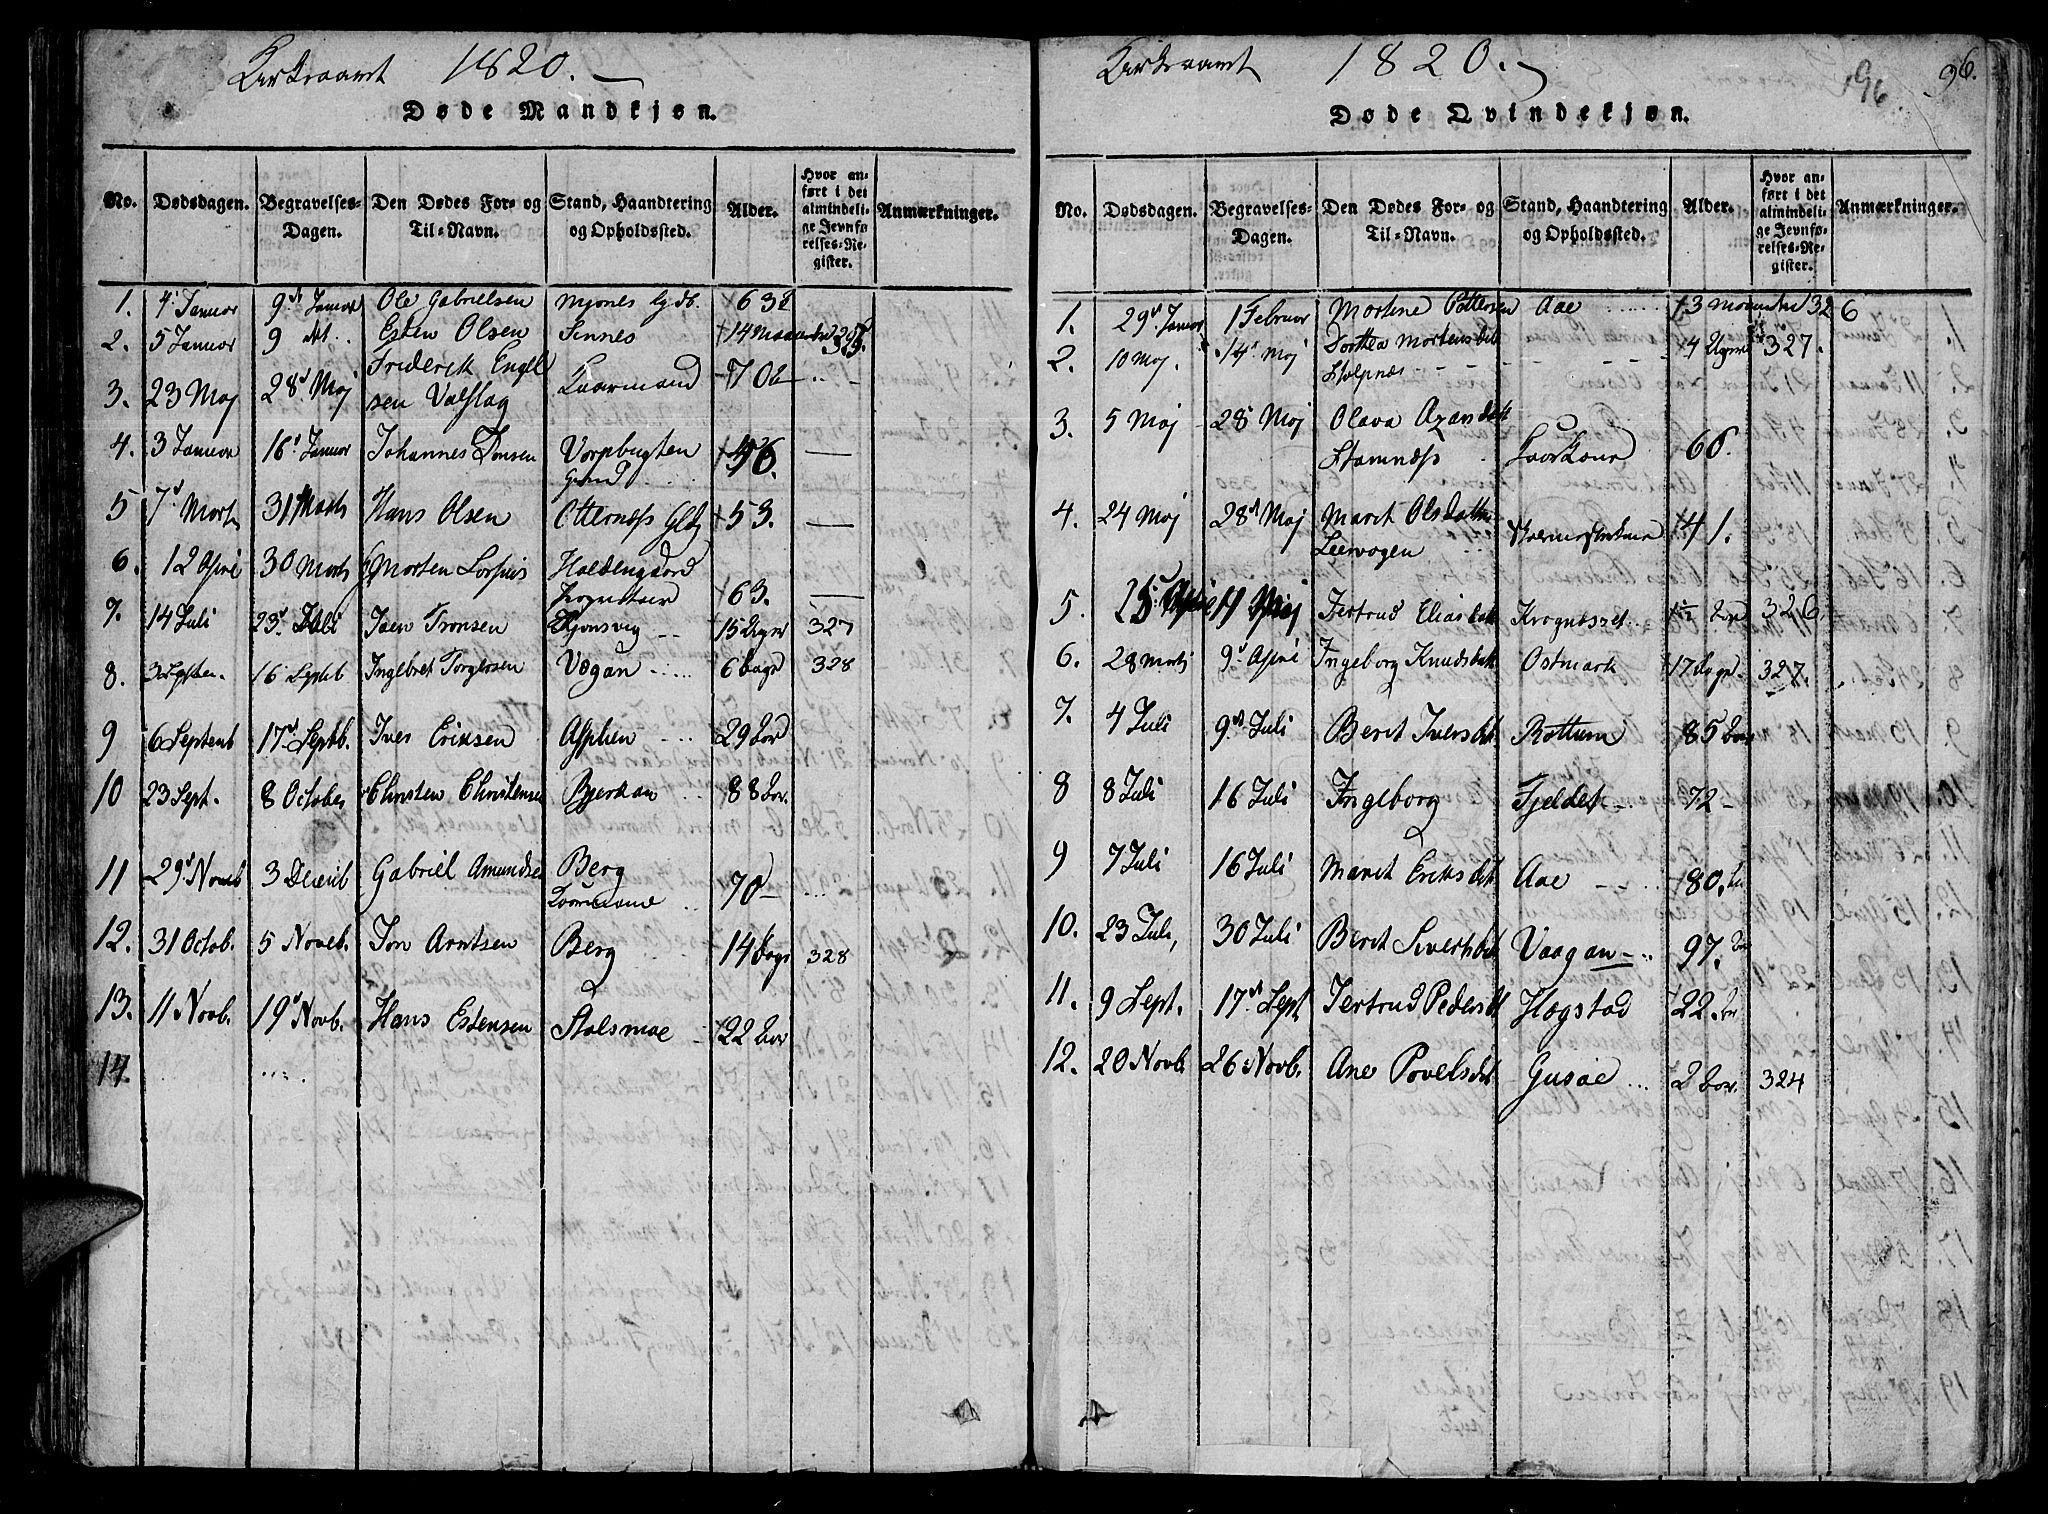 SAT, Ministerialprotokoller, klokkerbøker og fødselsregistre - Sør-Trøndelag, 630/L0491: Ministerialbok nr. 630A04, 1818-1830, s. 96